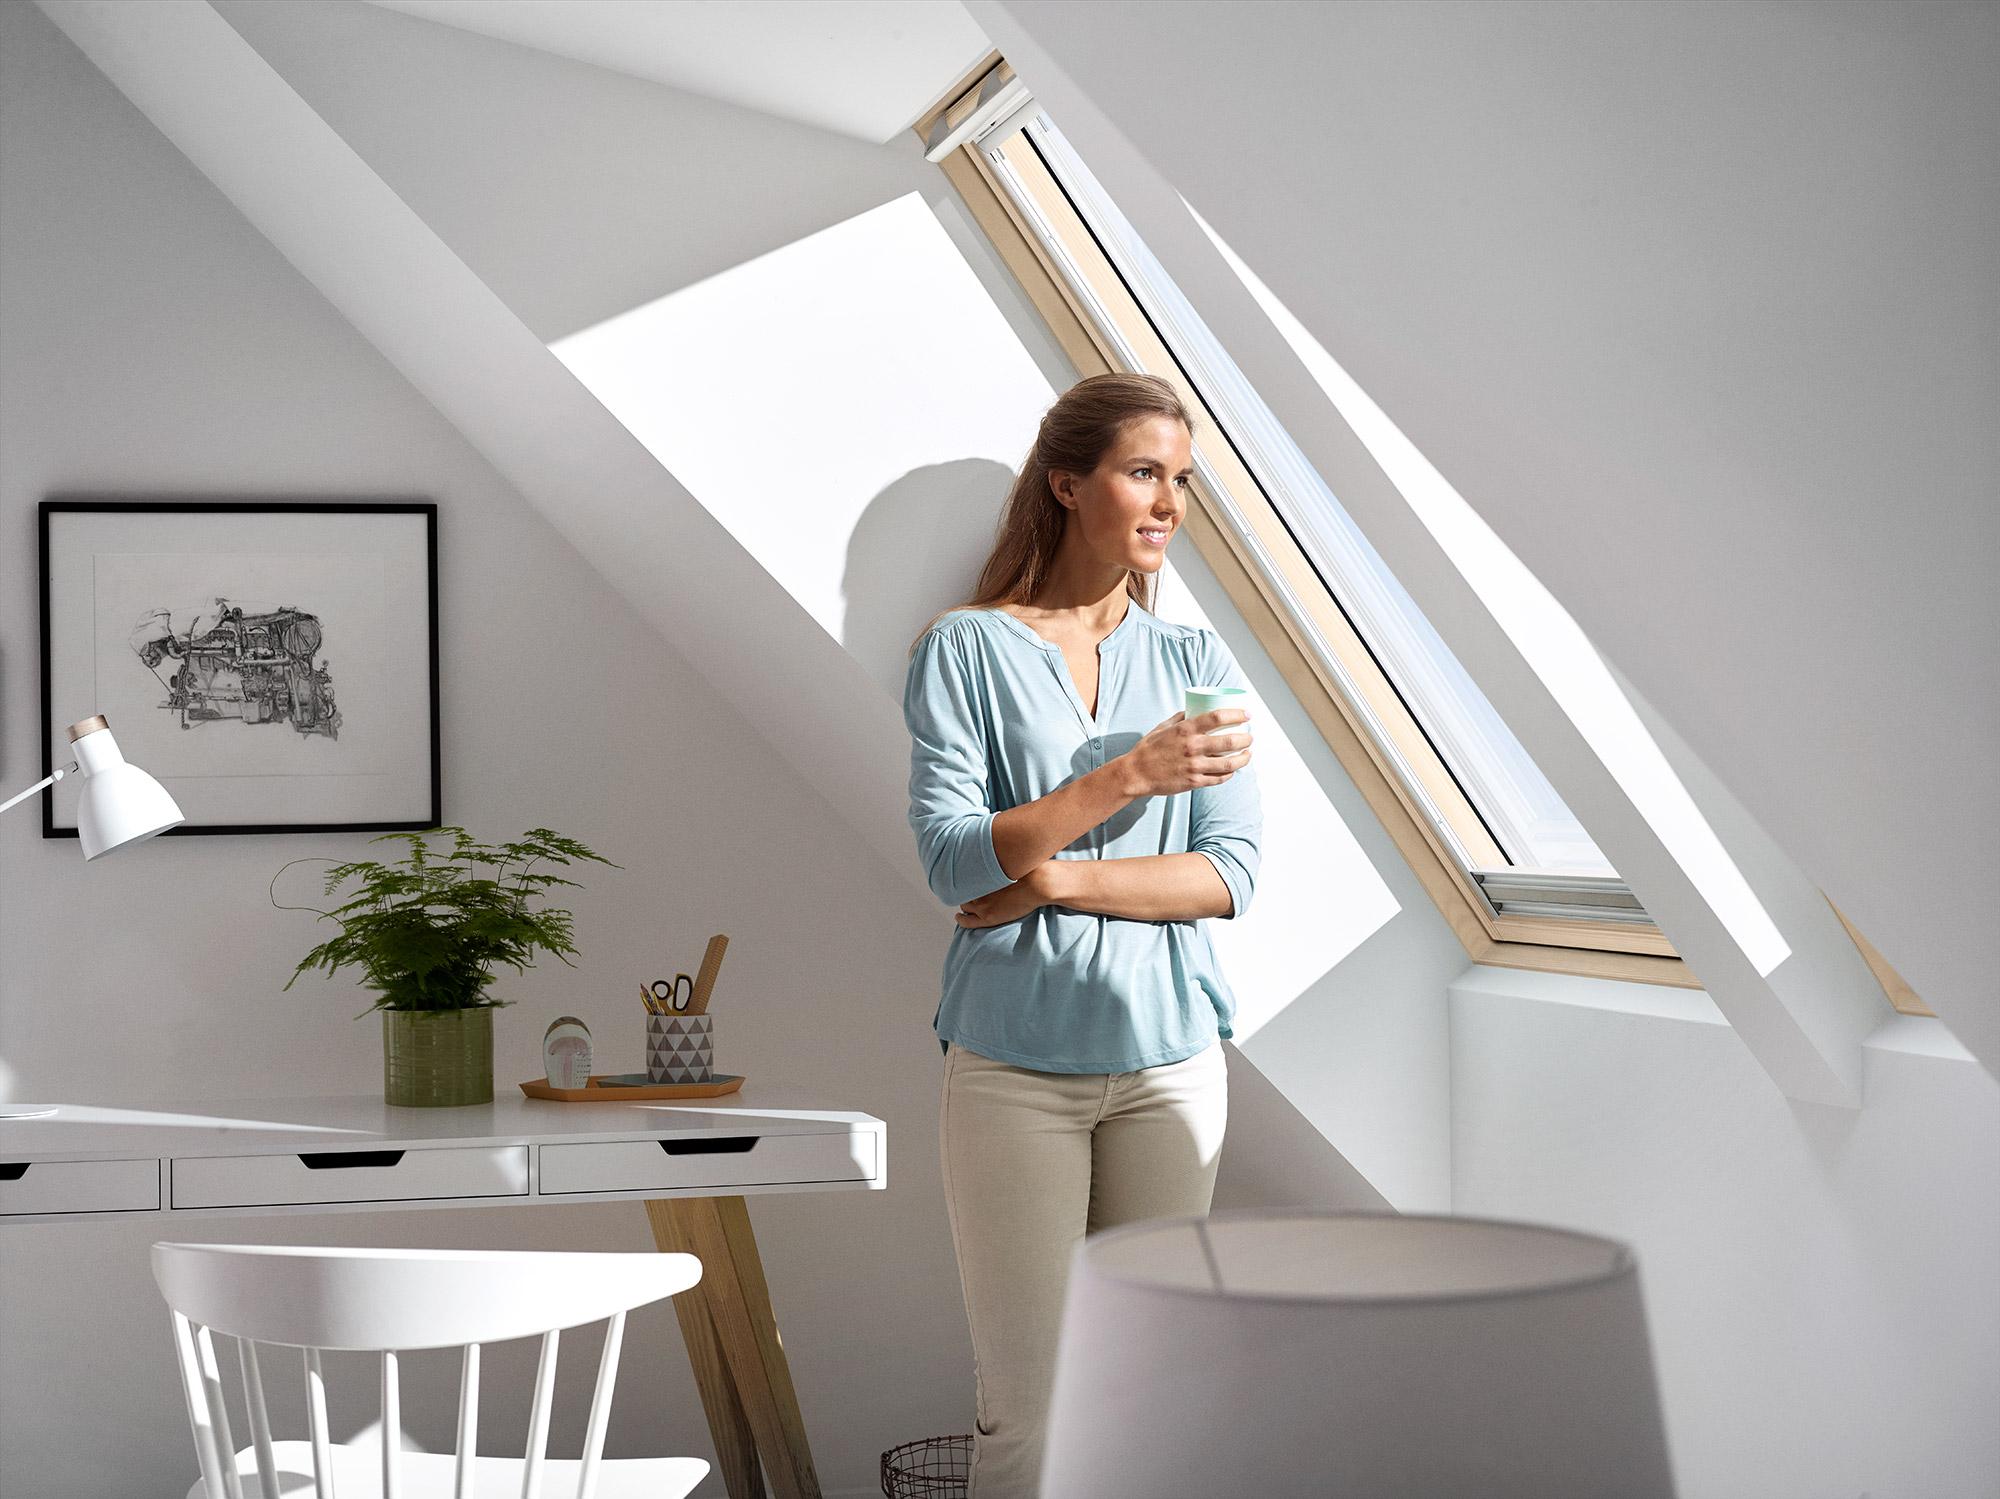 Finestre per tetti velux con apertura a bilico - Finestre per tetti velux ...